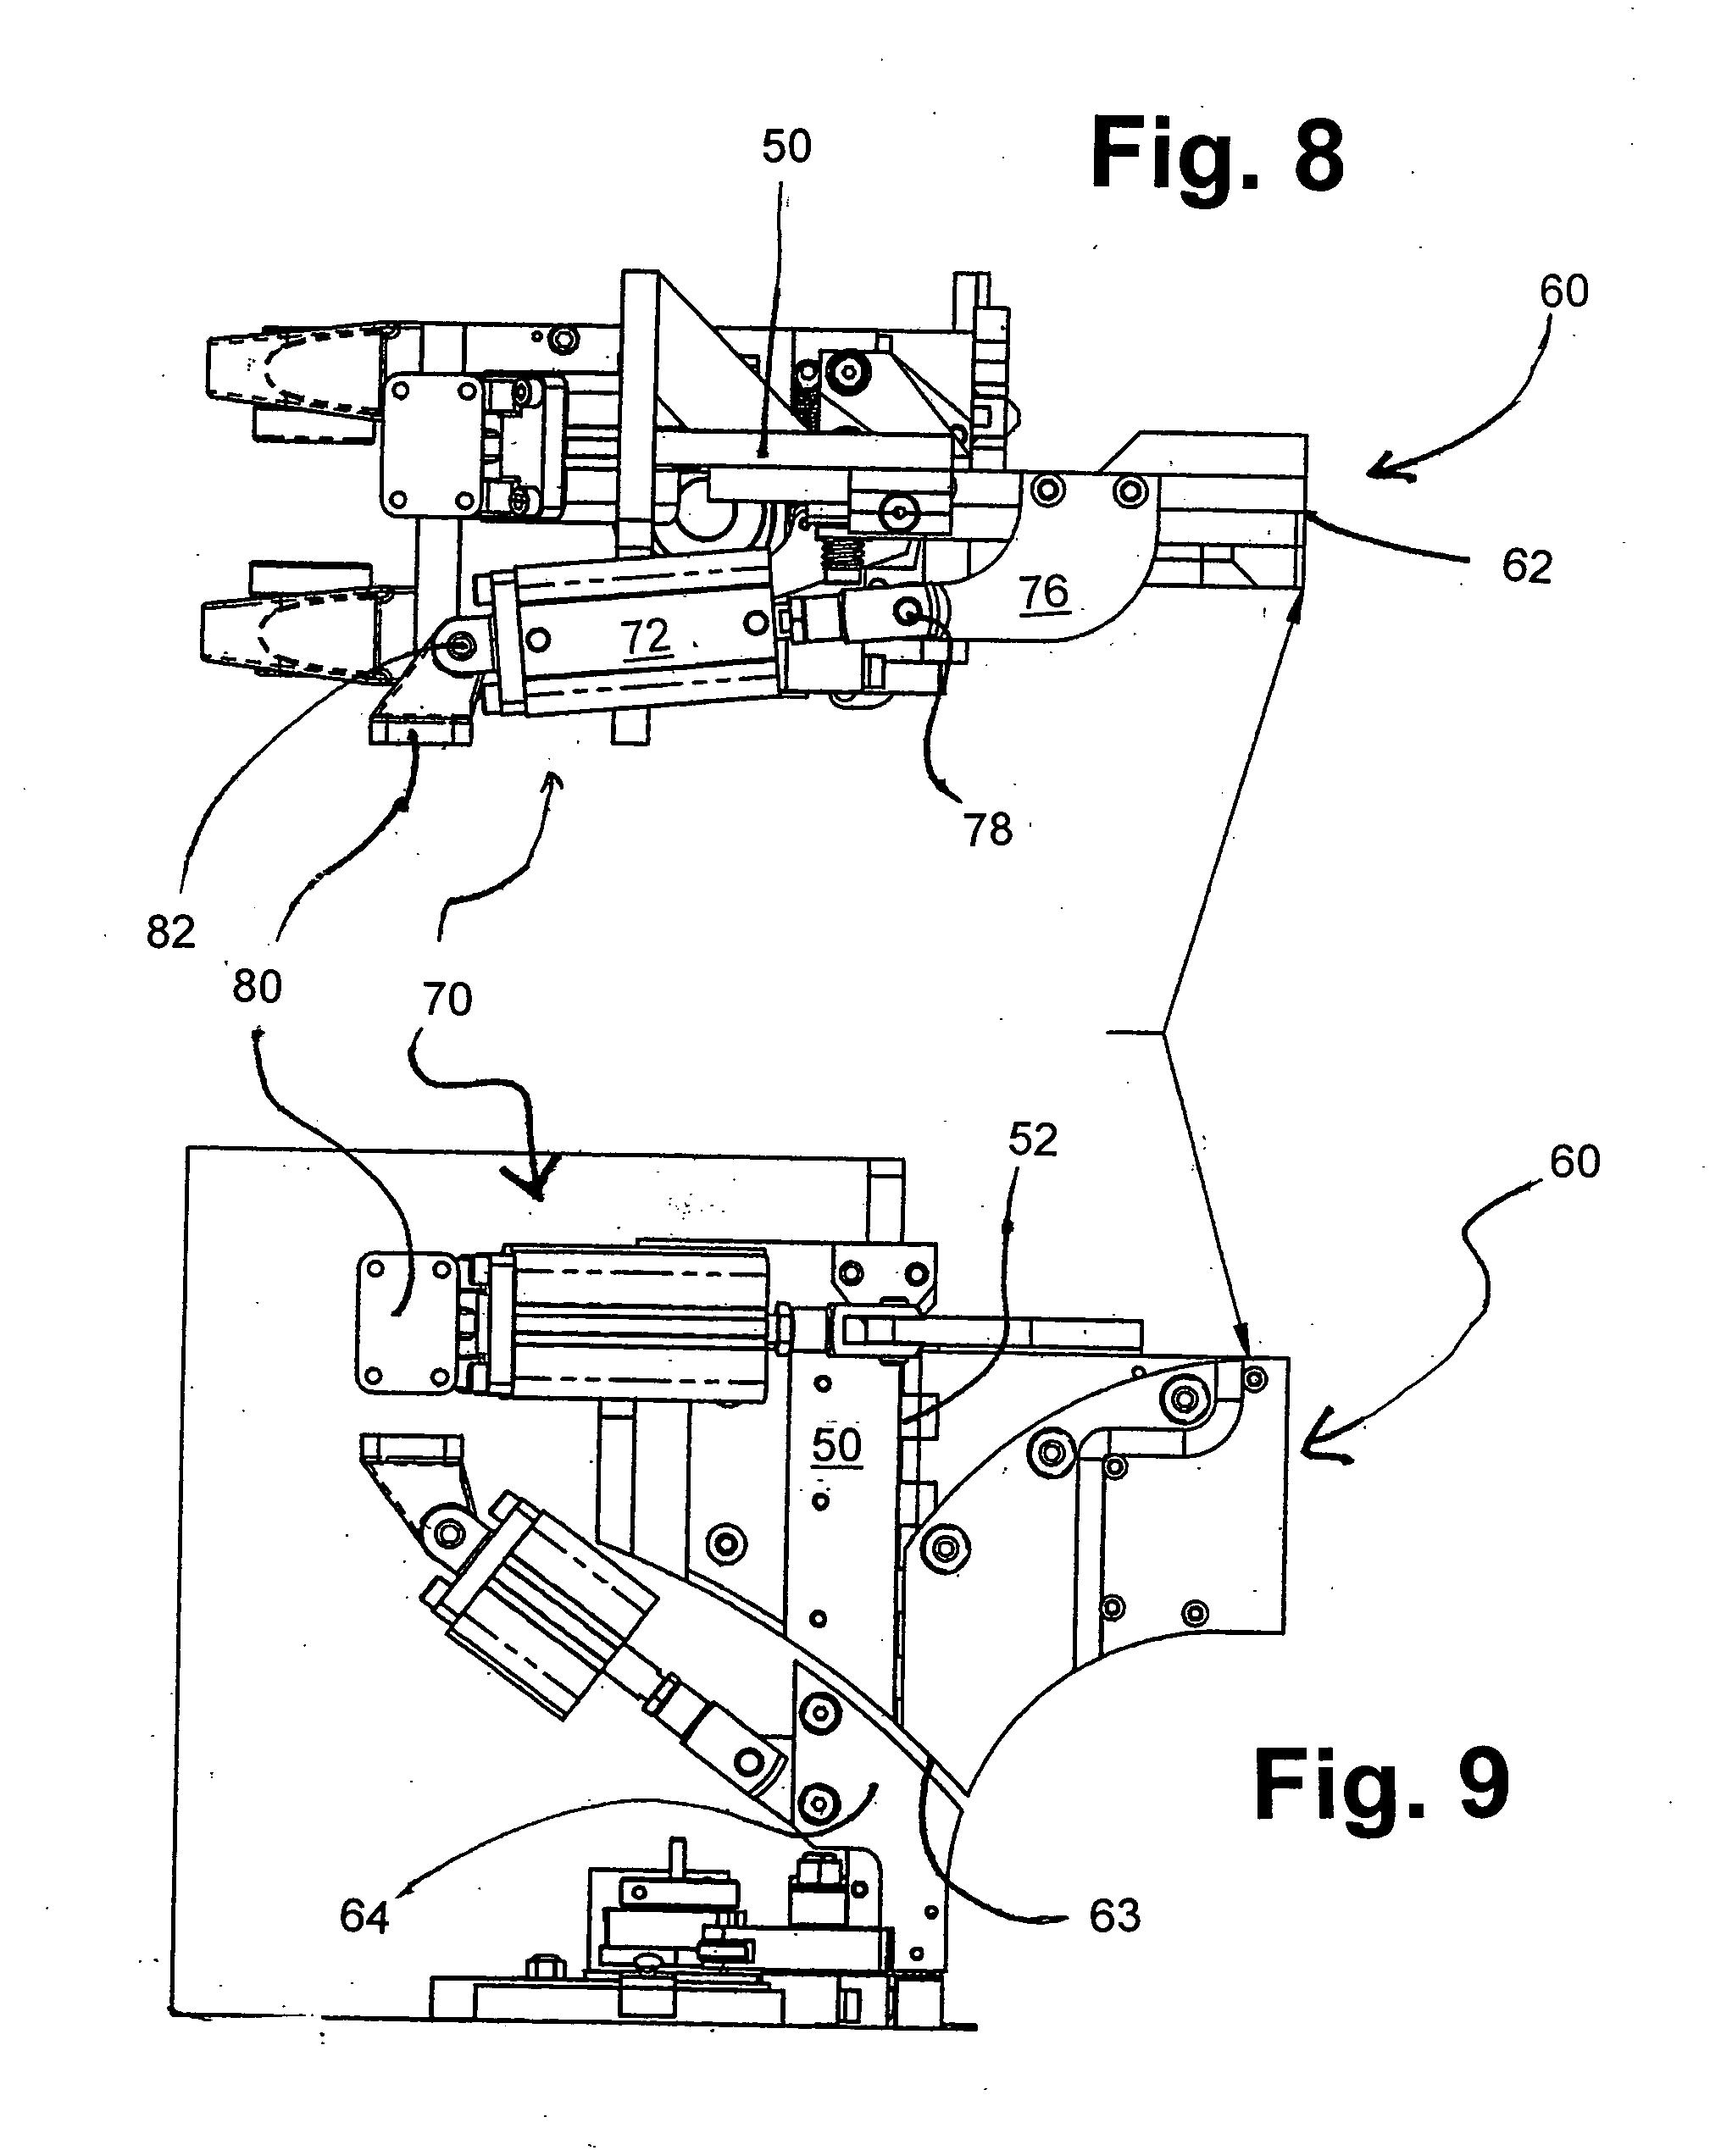 John Deere Baler Wiring Harness Circuit Diagrams, John